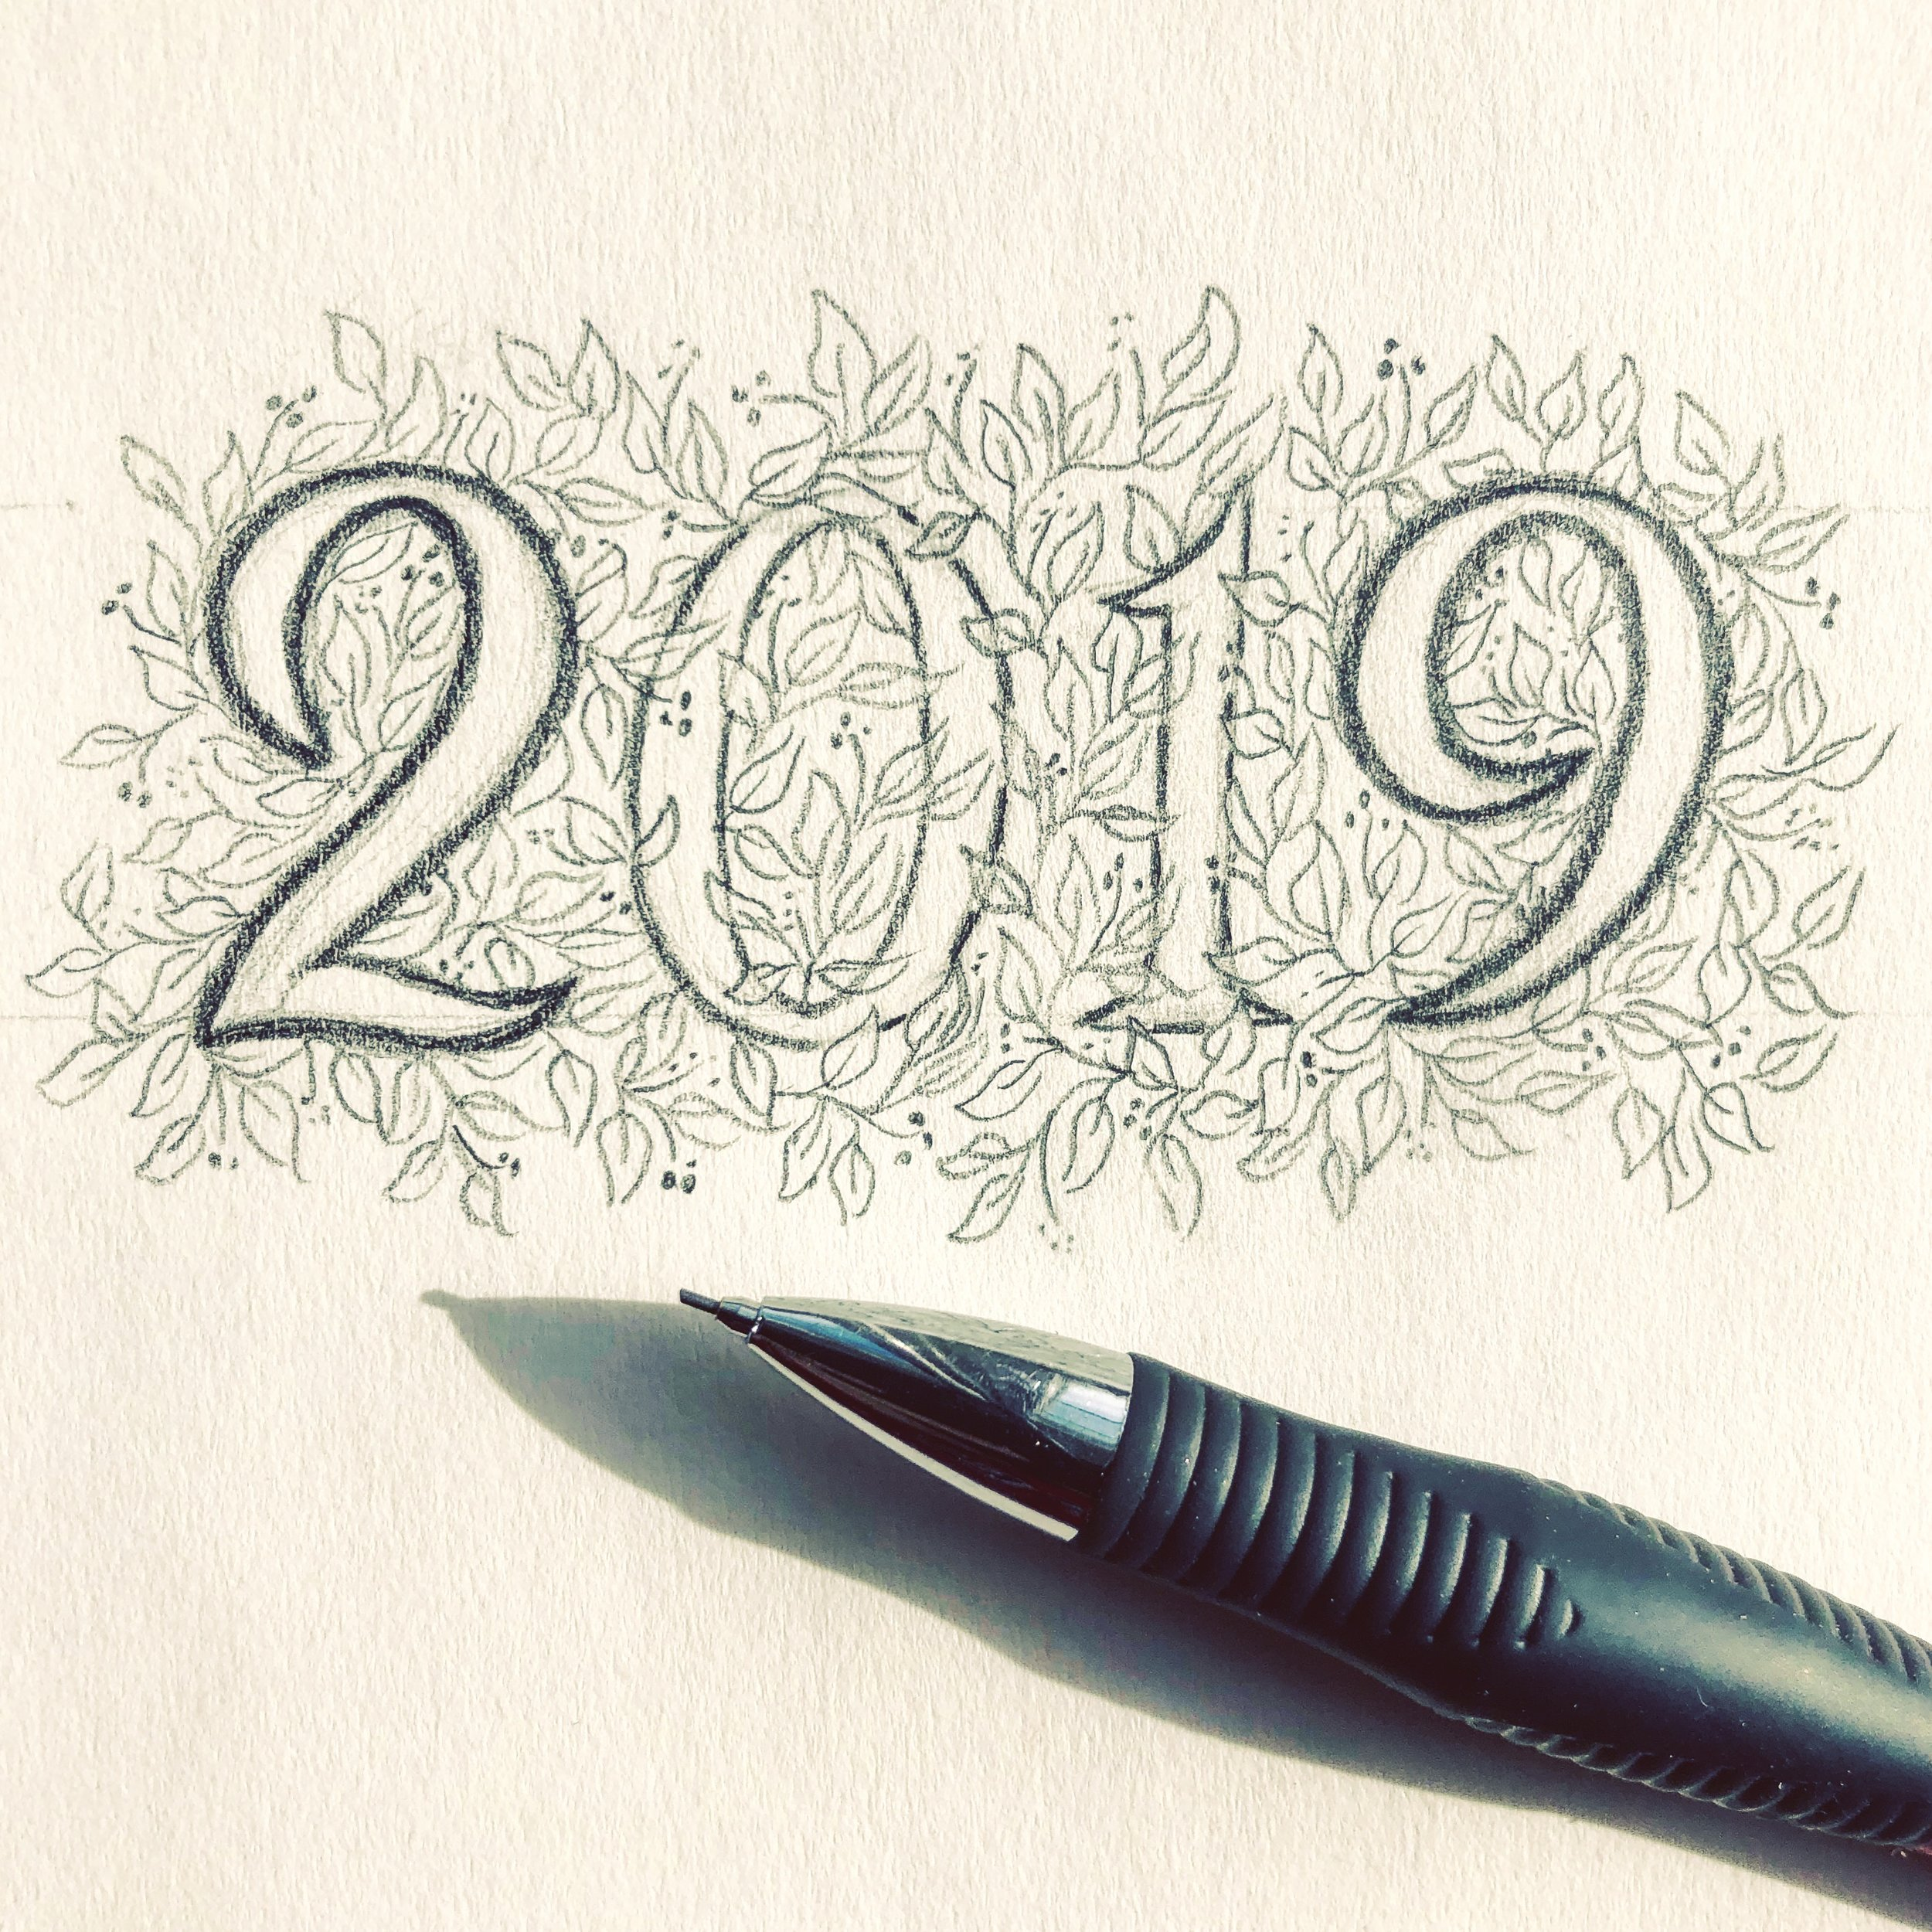 2019-lettering-leaves.jpg